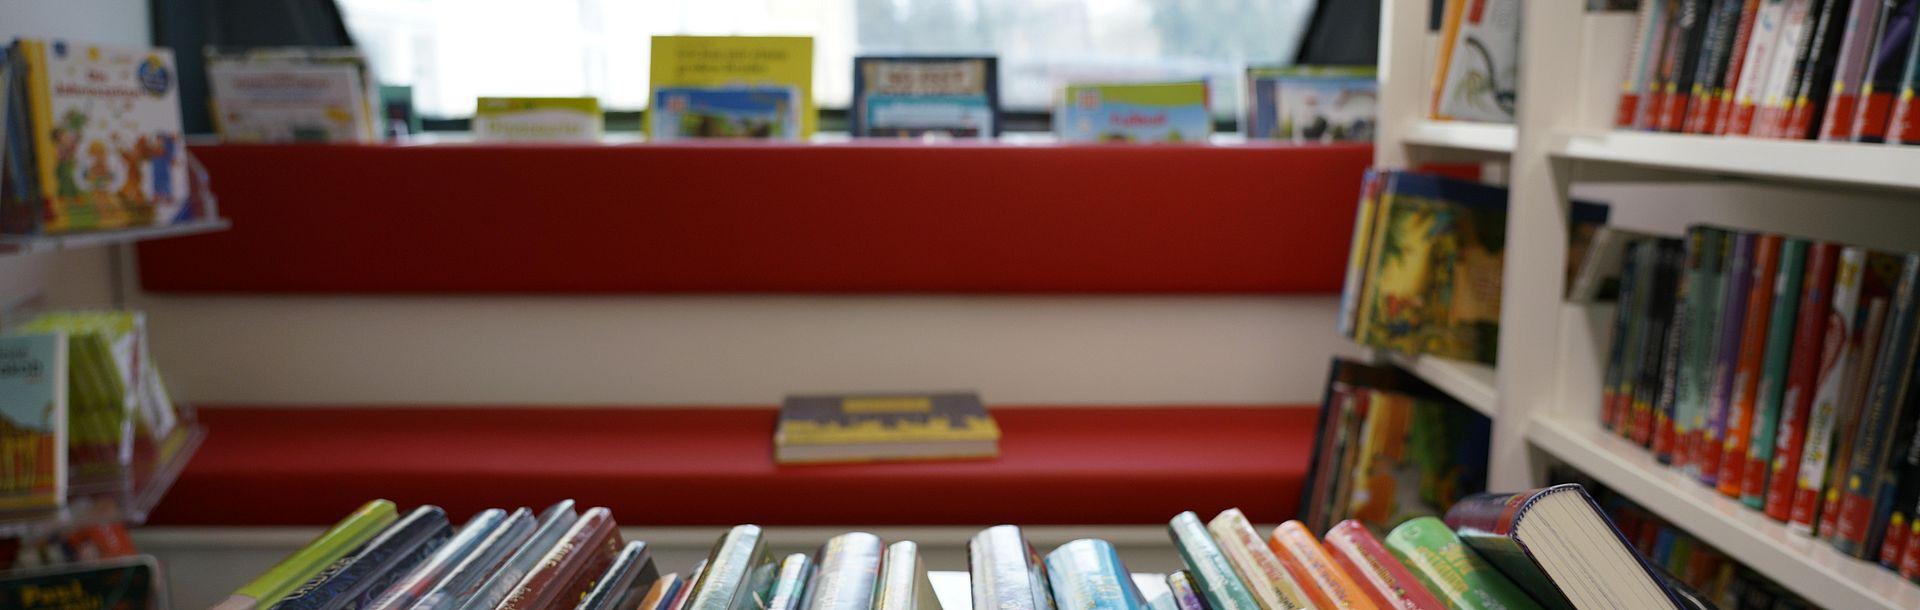 Wissensbus - Bücher innen